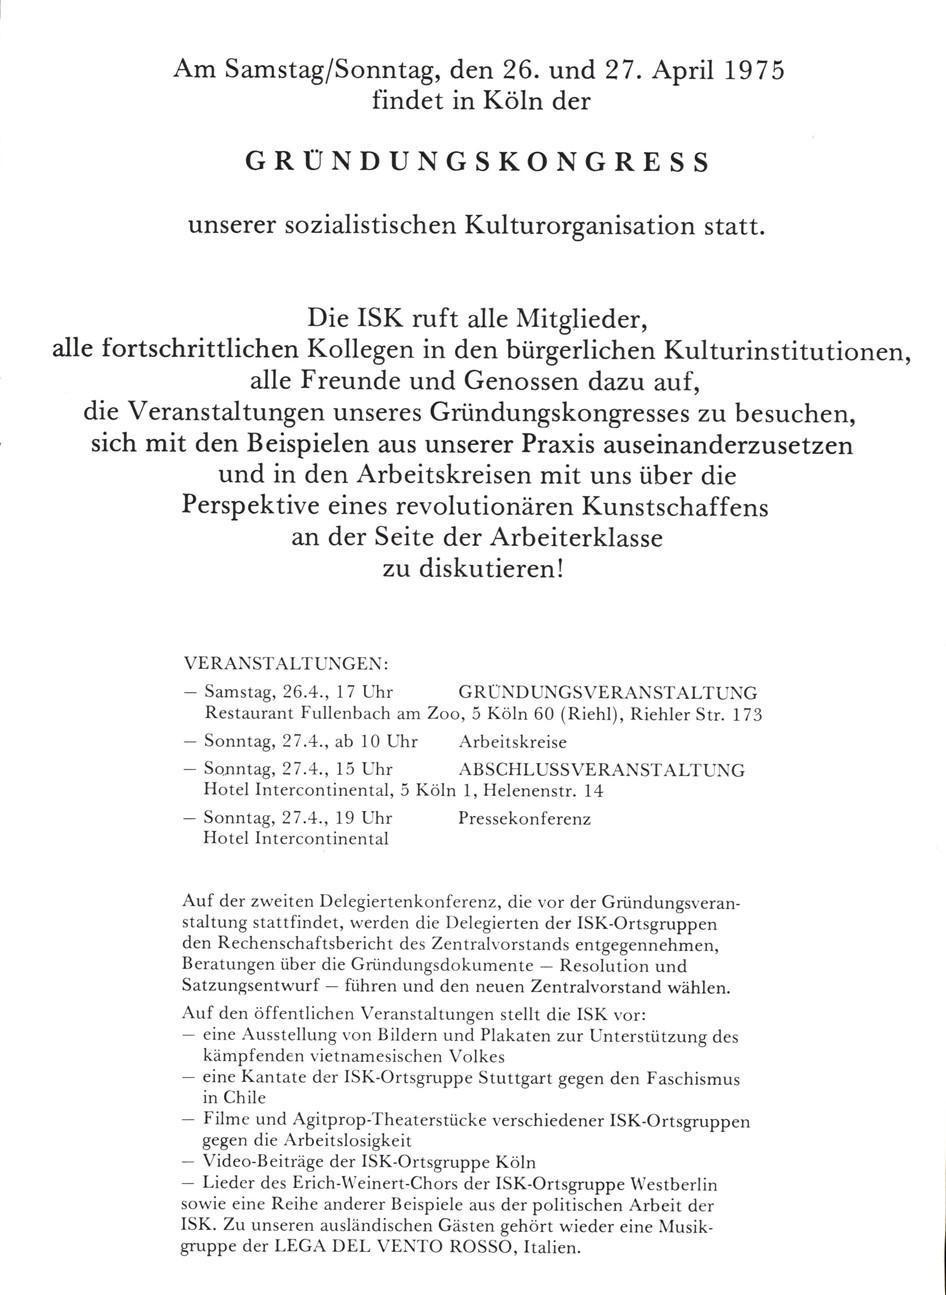 VSK_Kaempfende_Kunst_19750400_03